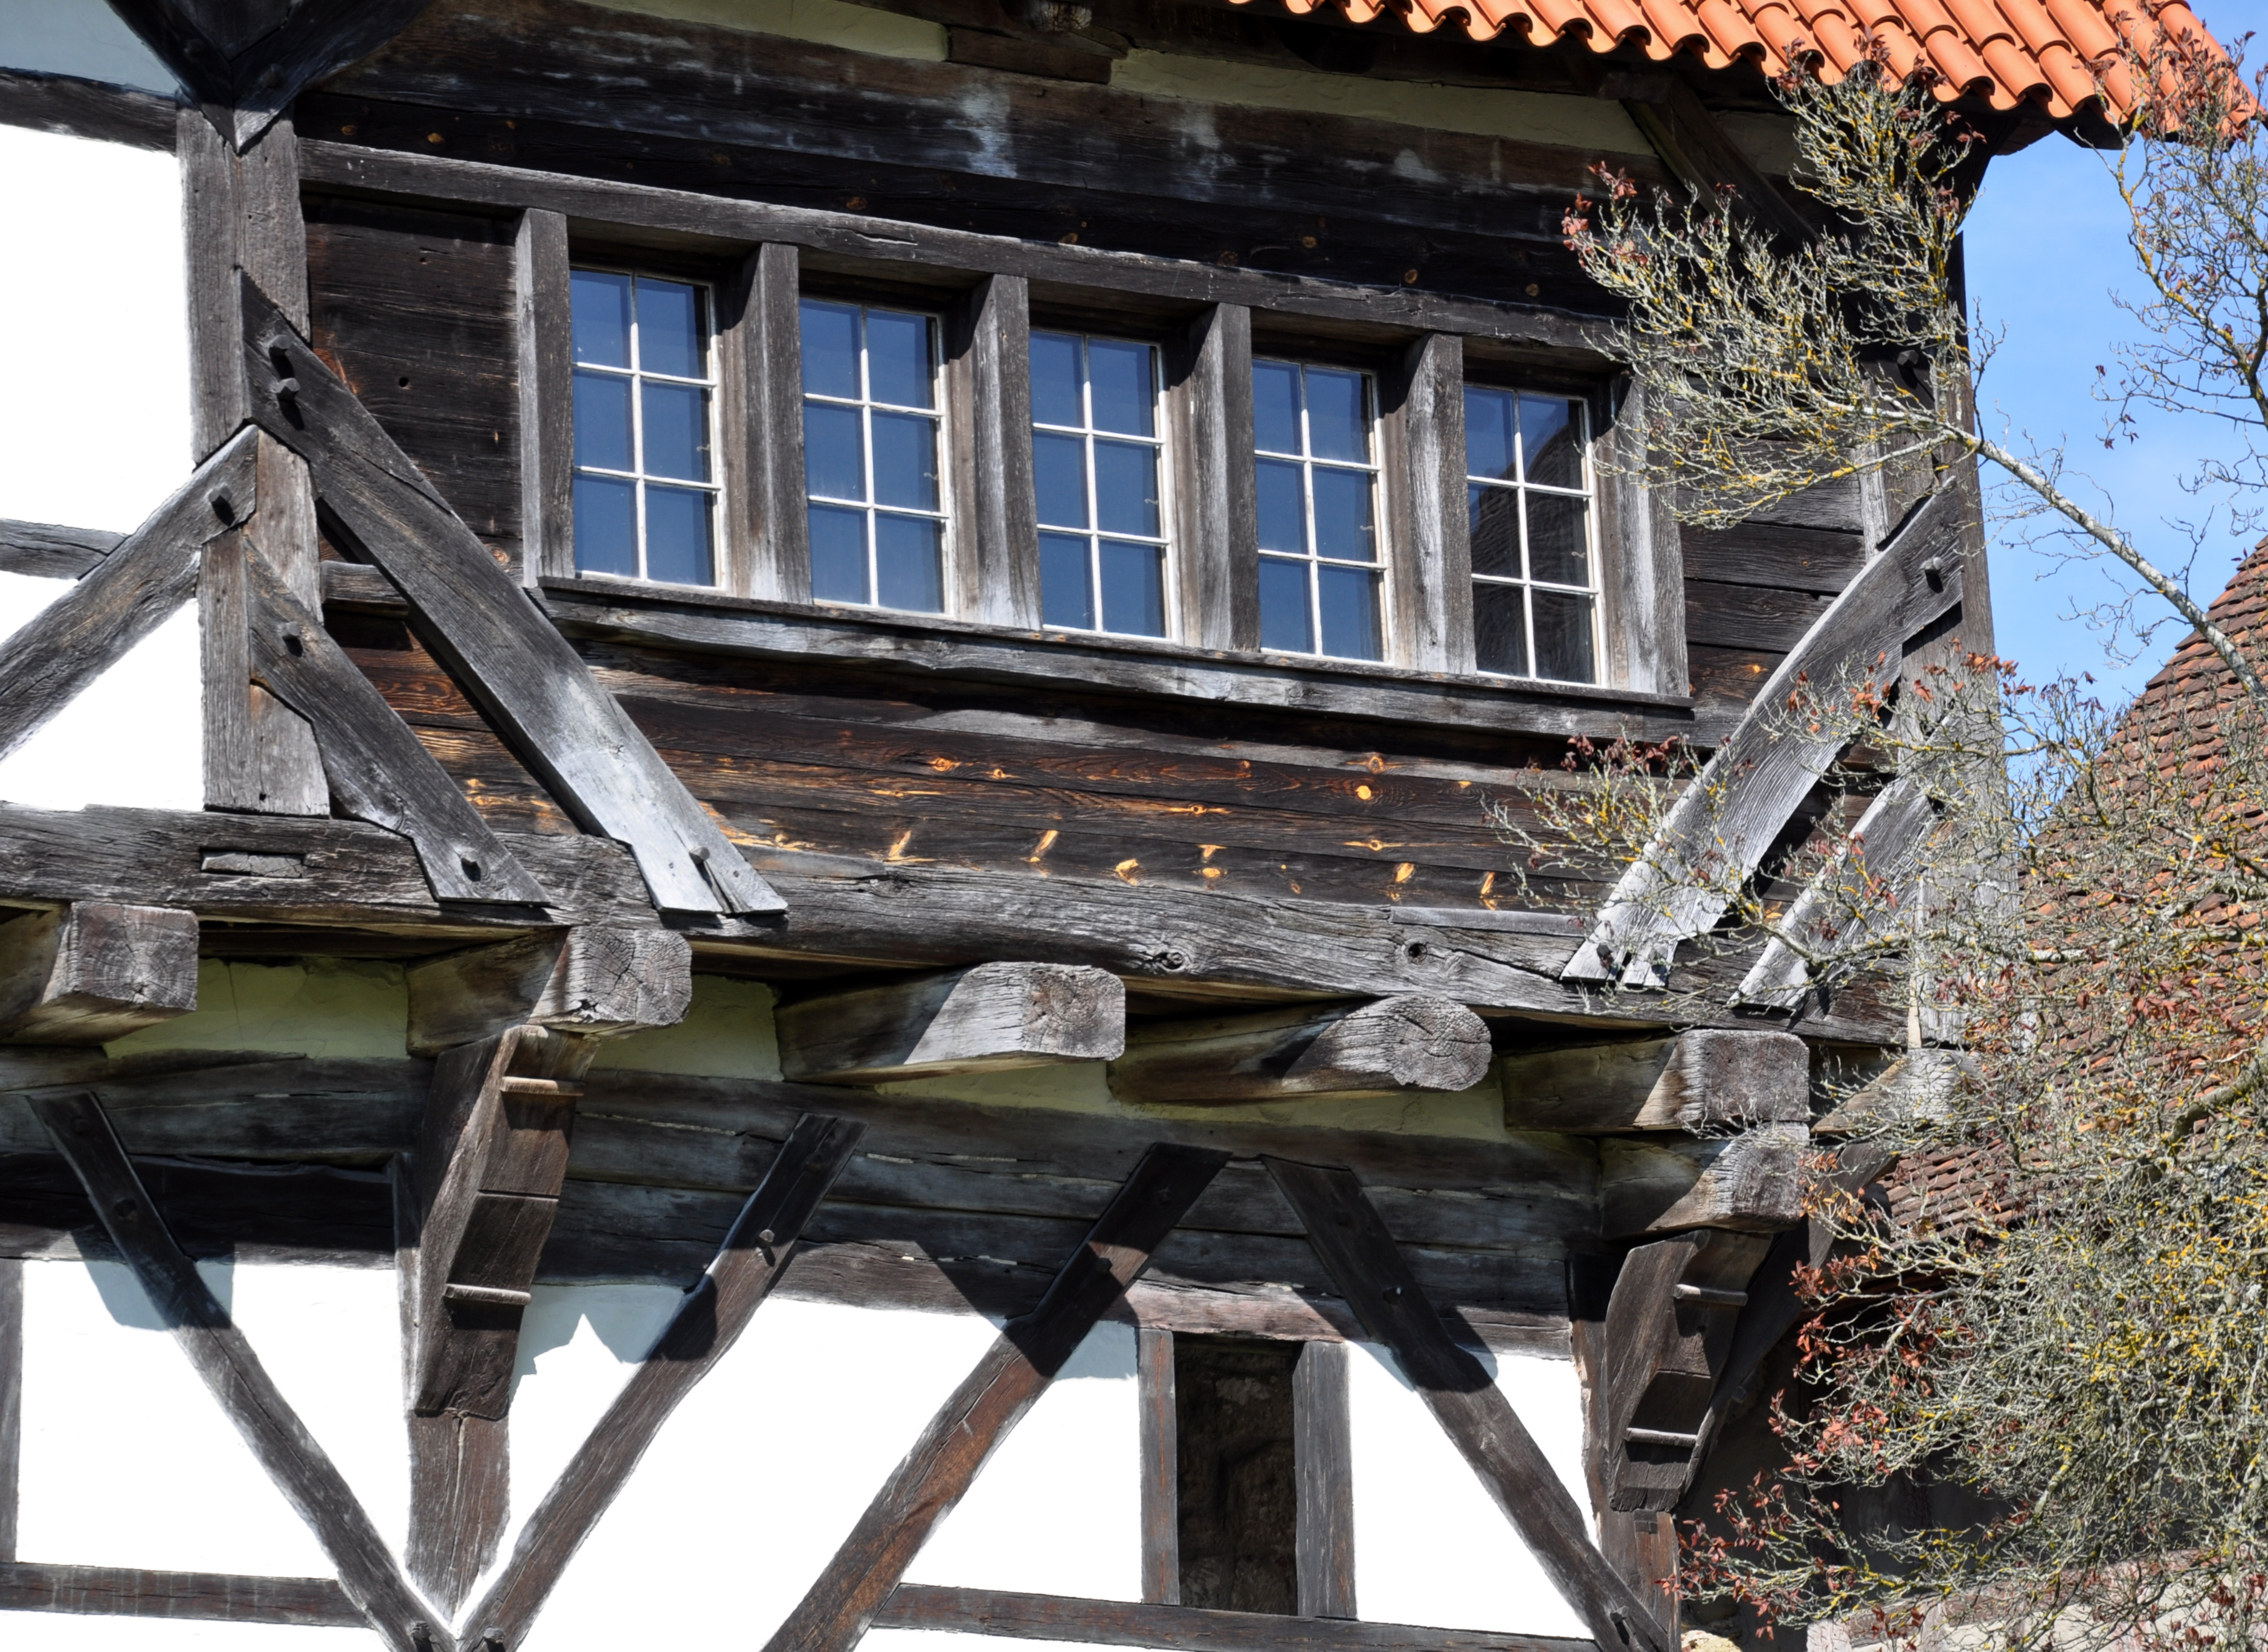 Fachwerkbauten in der rh n architekturgeschichte und for Fachwerk wikipedia